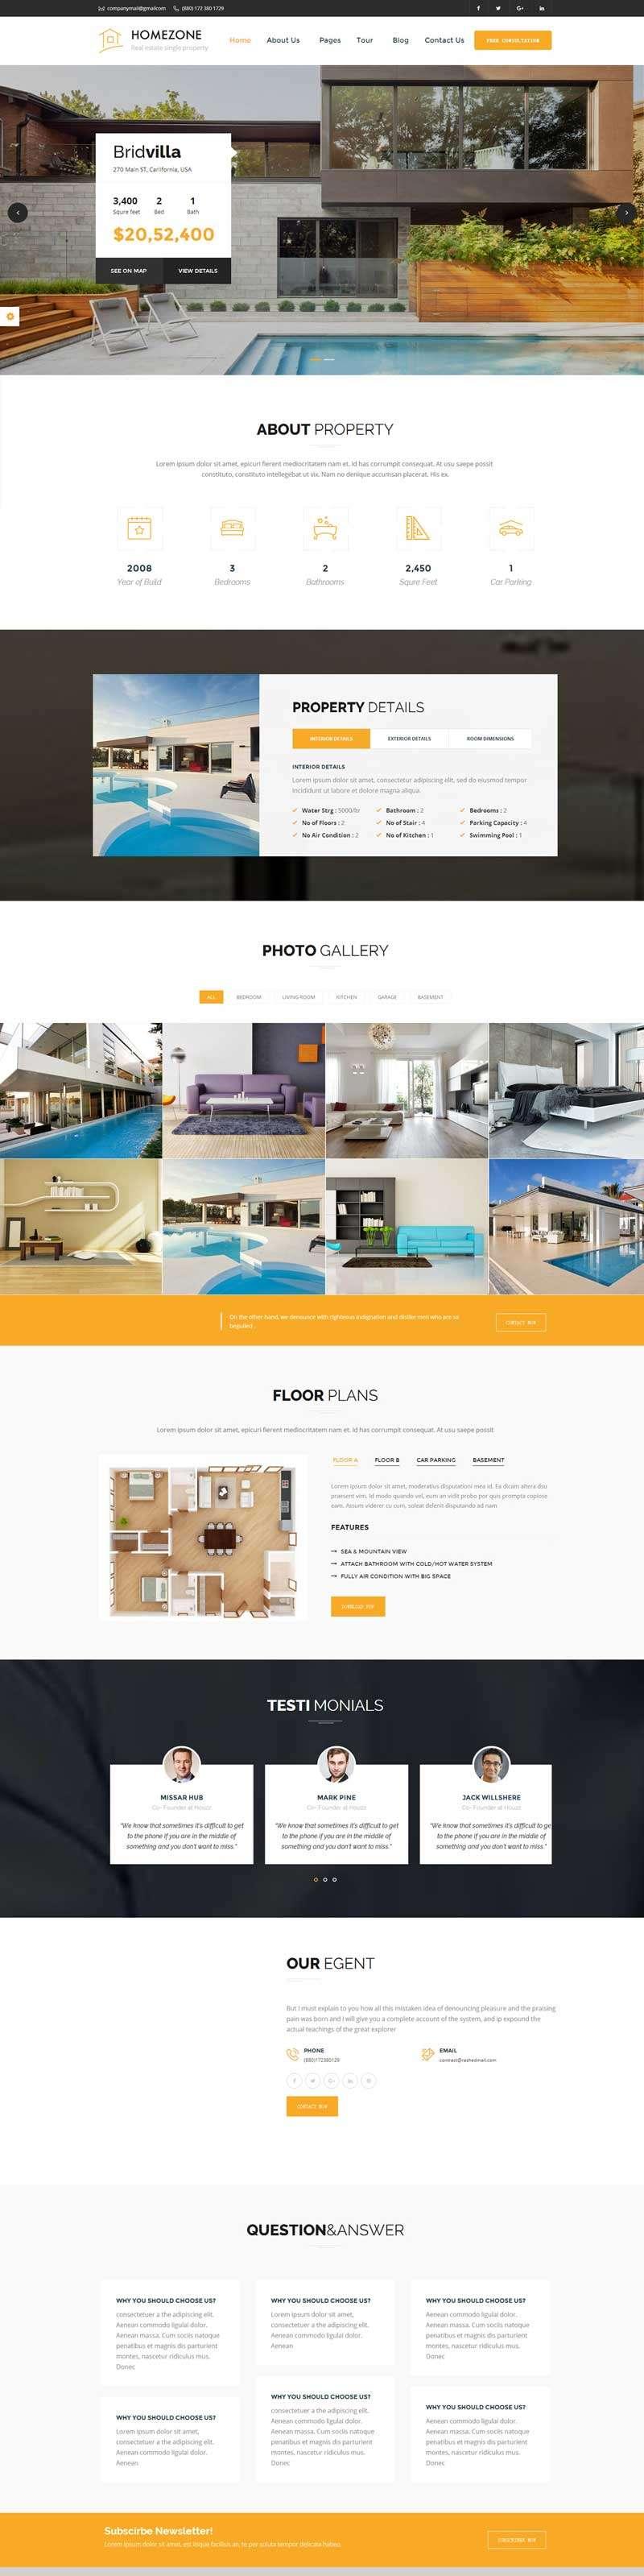 大气的房地产销售网站模板html下载